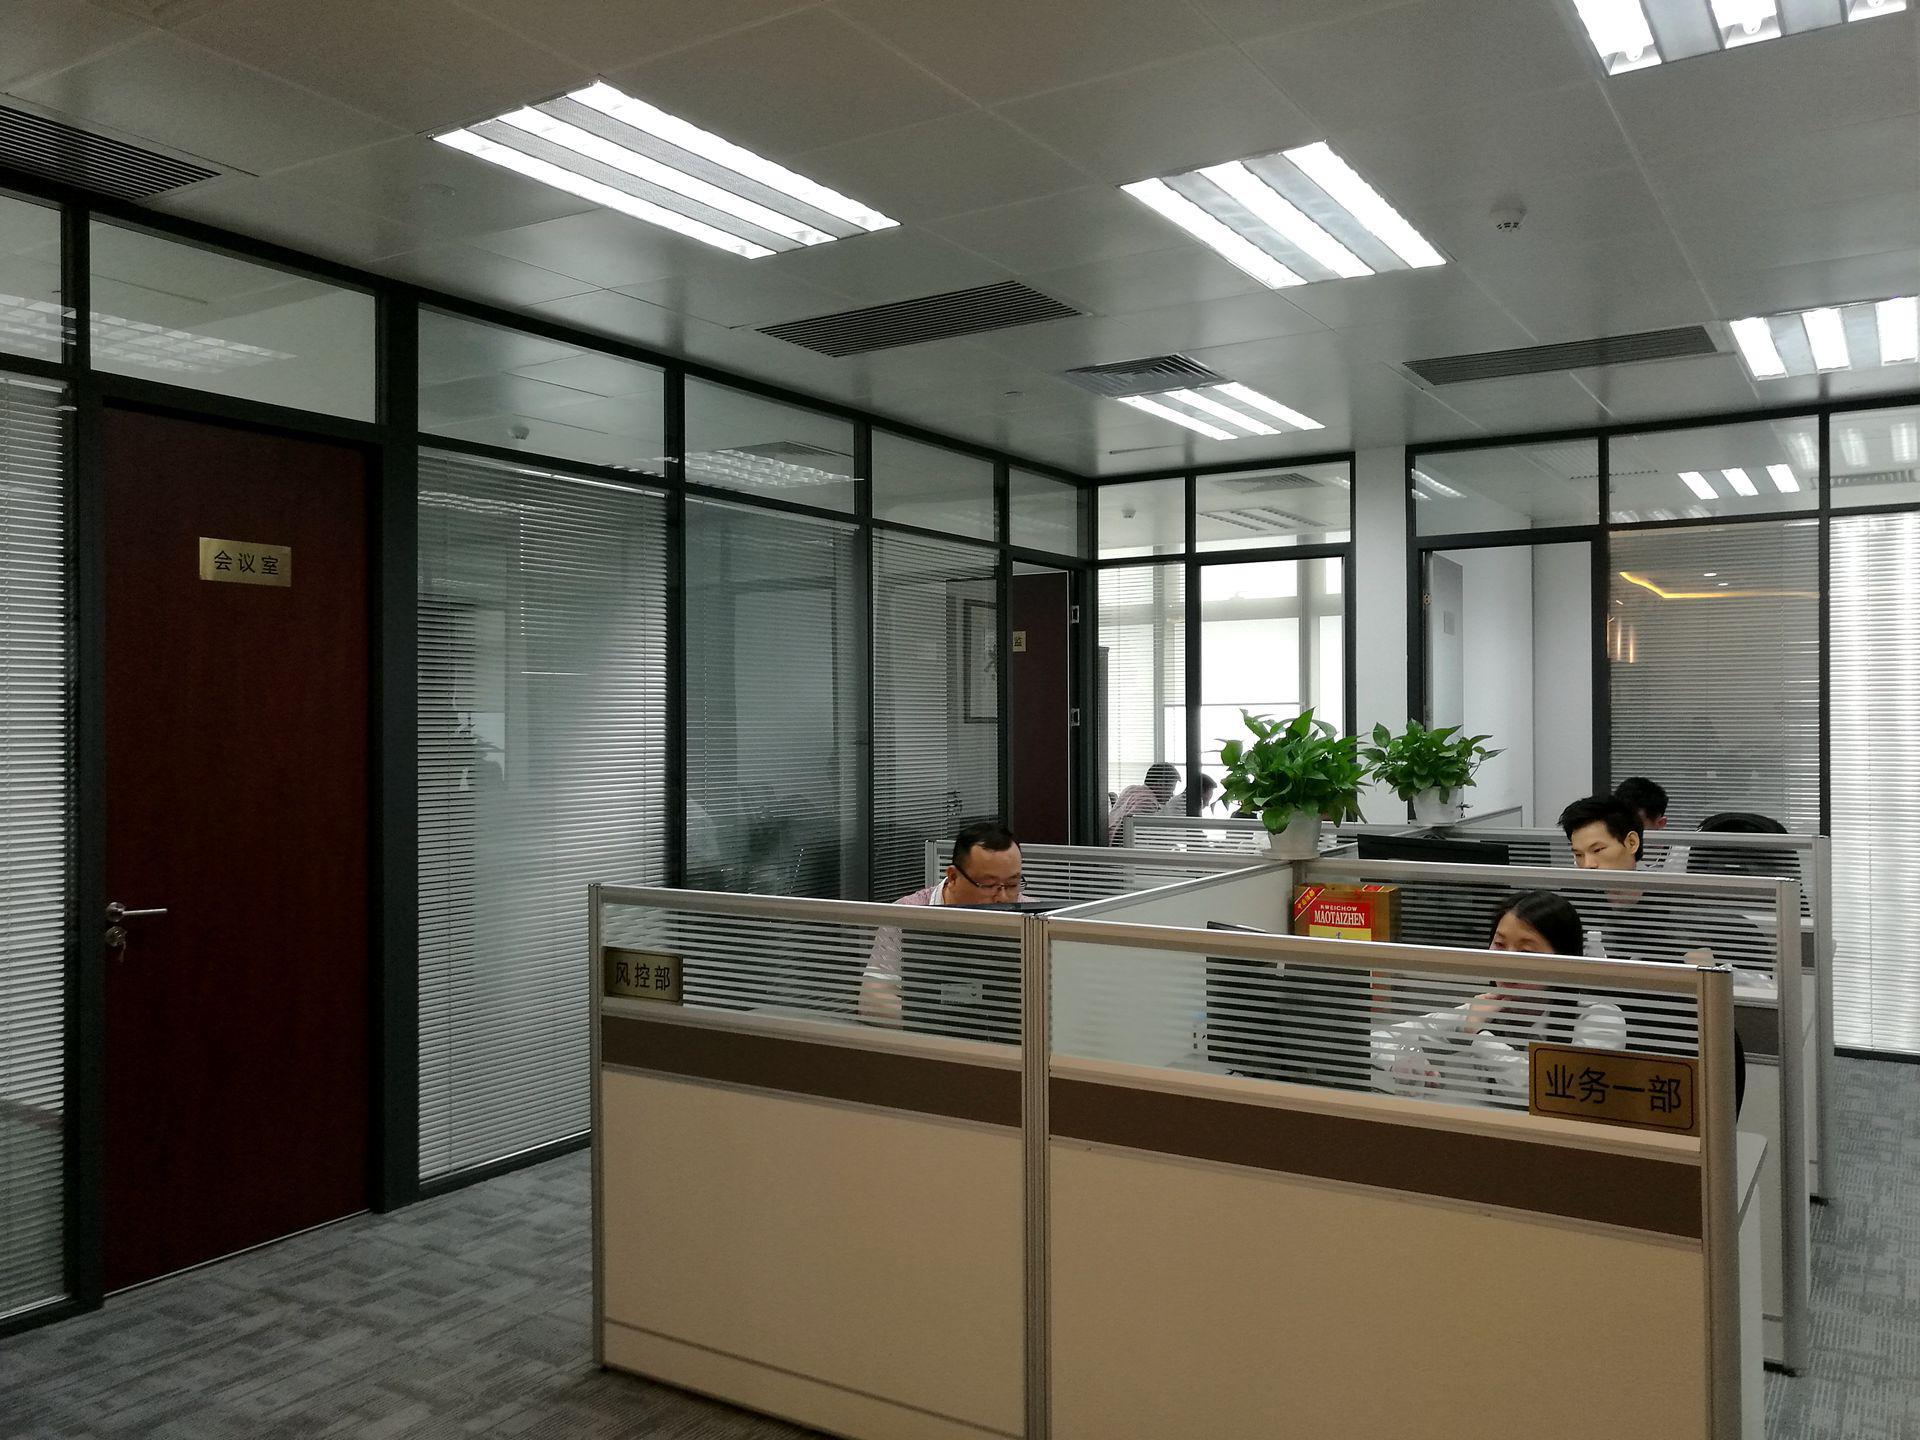 广东欧怡迪科技股份有限公司_国际人才网_job001.cn